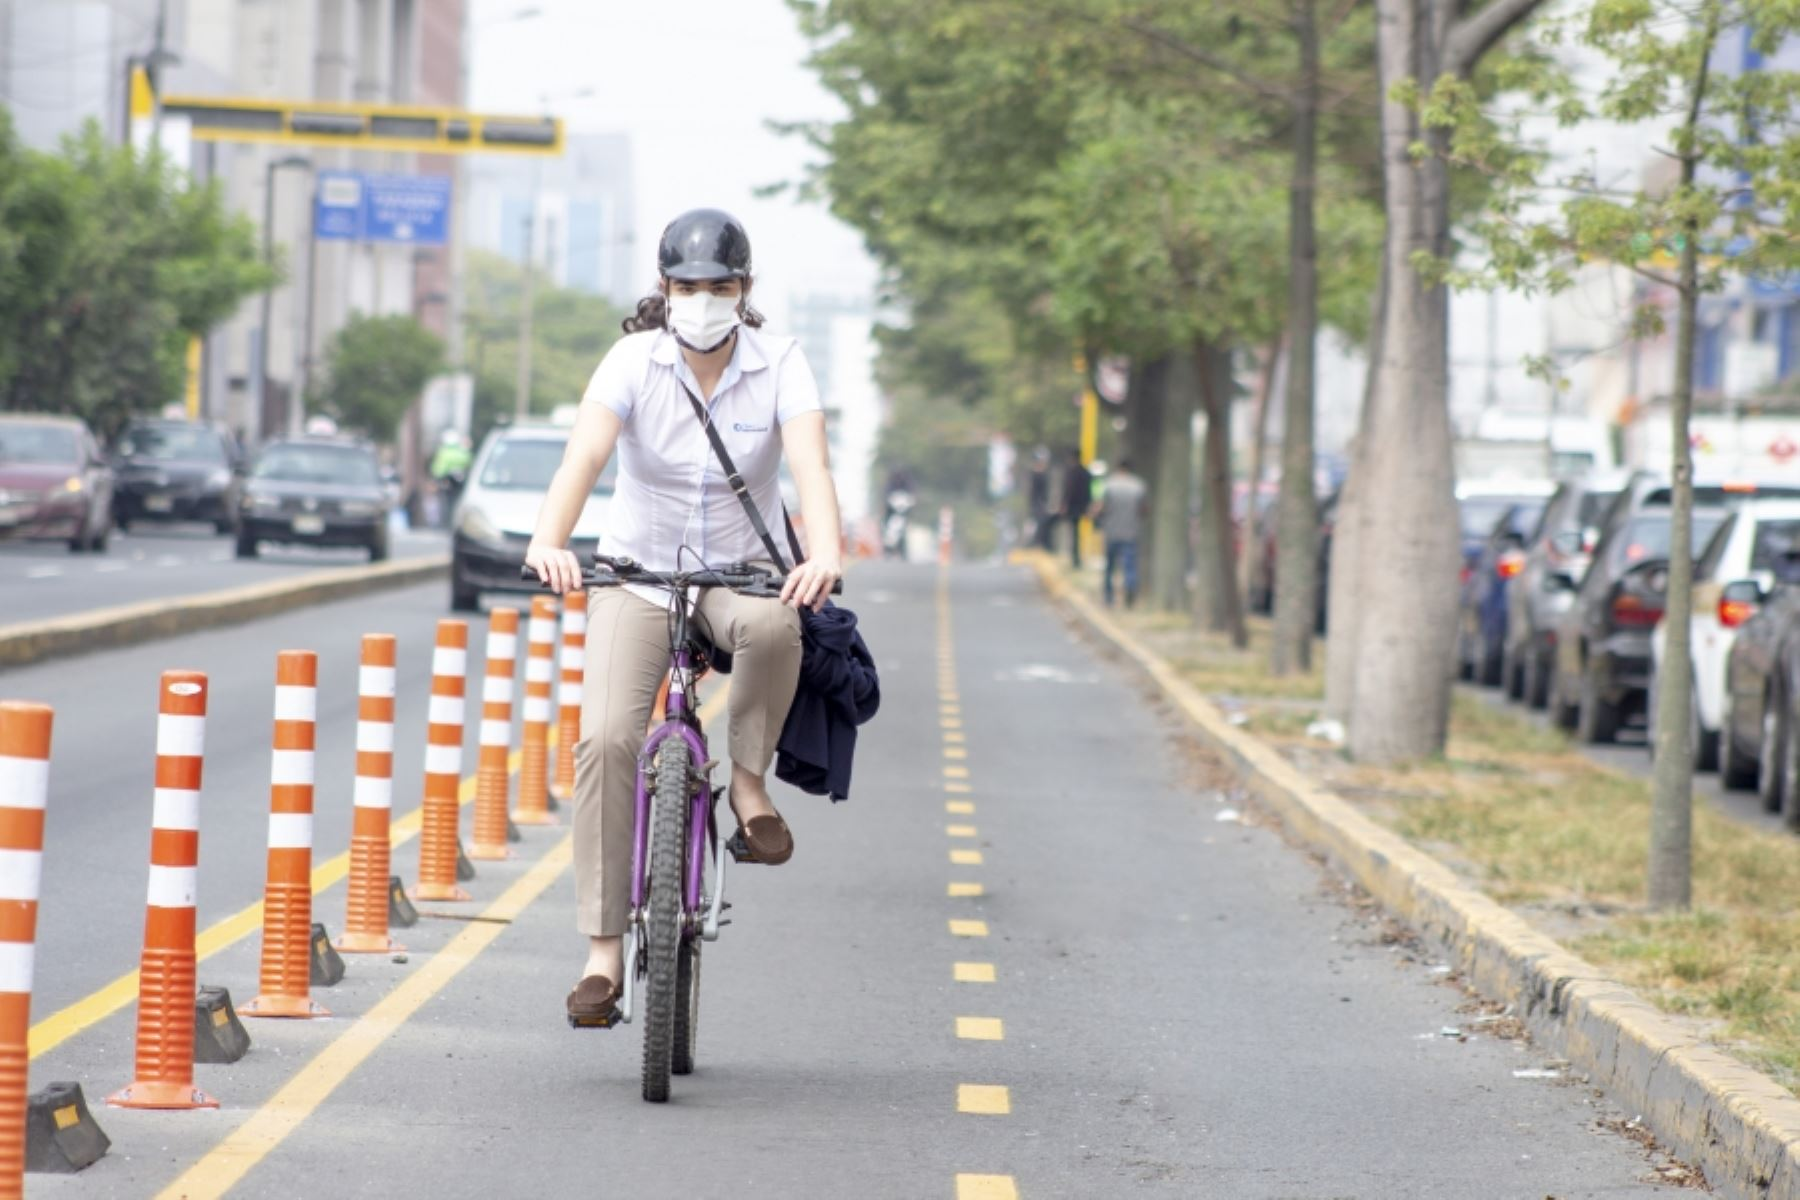 Solo el 3% de limeños usa la bicicleta de manera regular, revela estudio, Foto: ANDINA/Difusión.